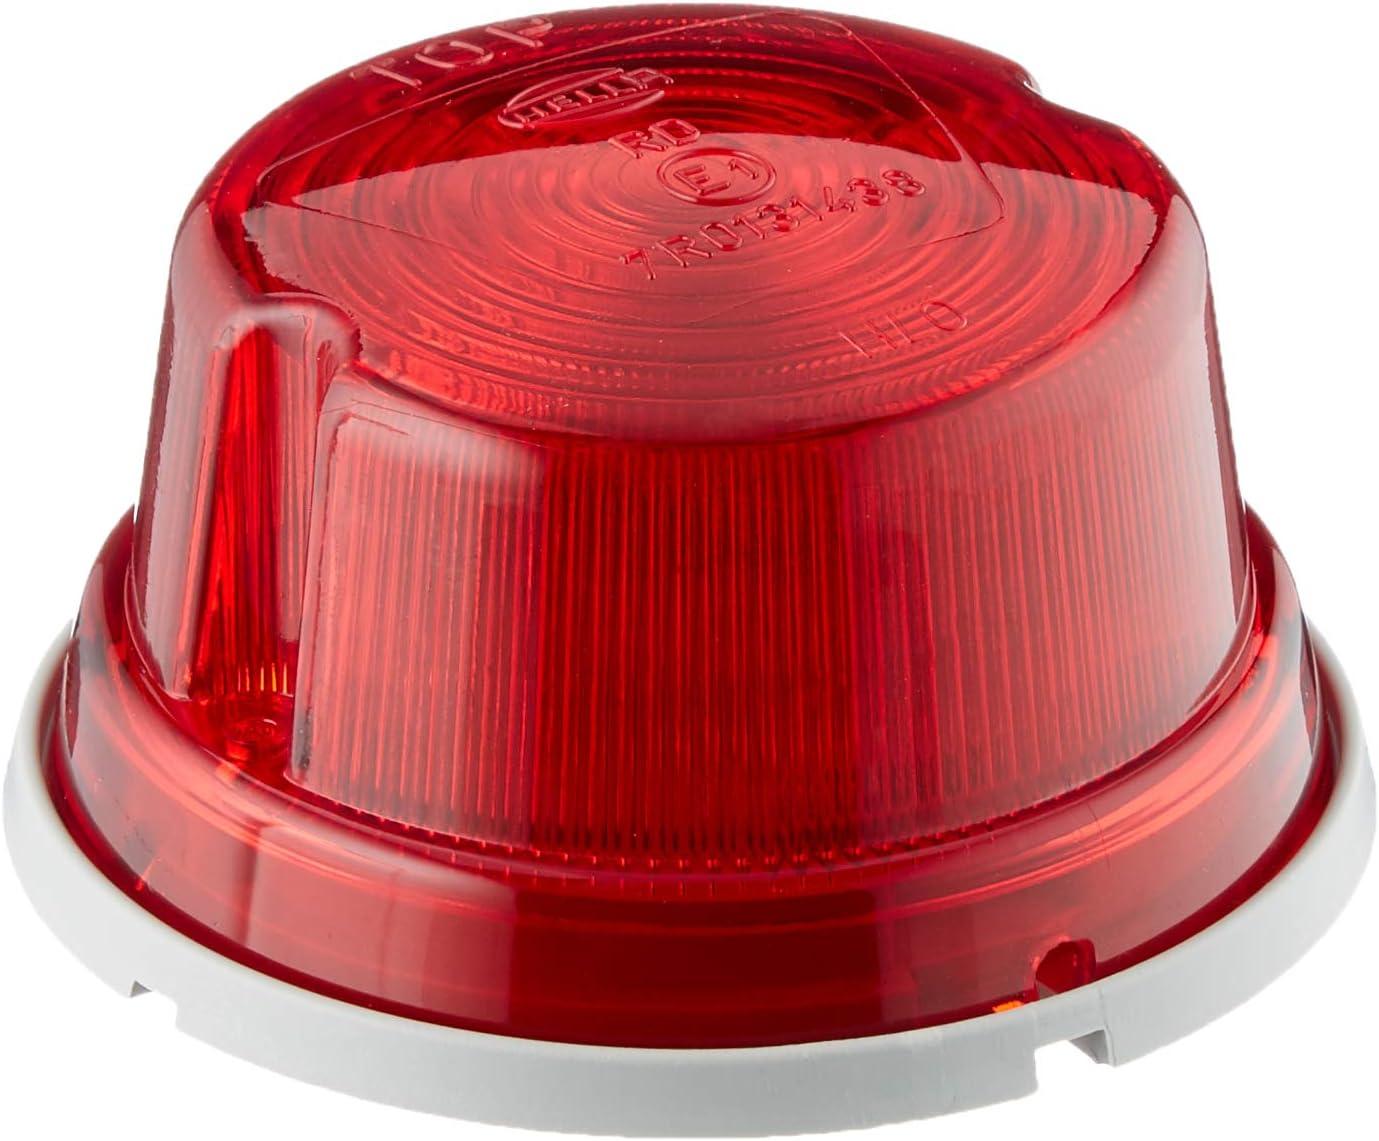 Hella 2sa 001 259 751 Schlussleuchte 12 24v Anbau Lichtscheibenfarbe Rot Hinten Links Oben Rechts Auto